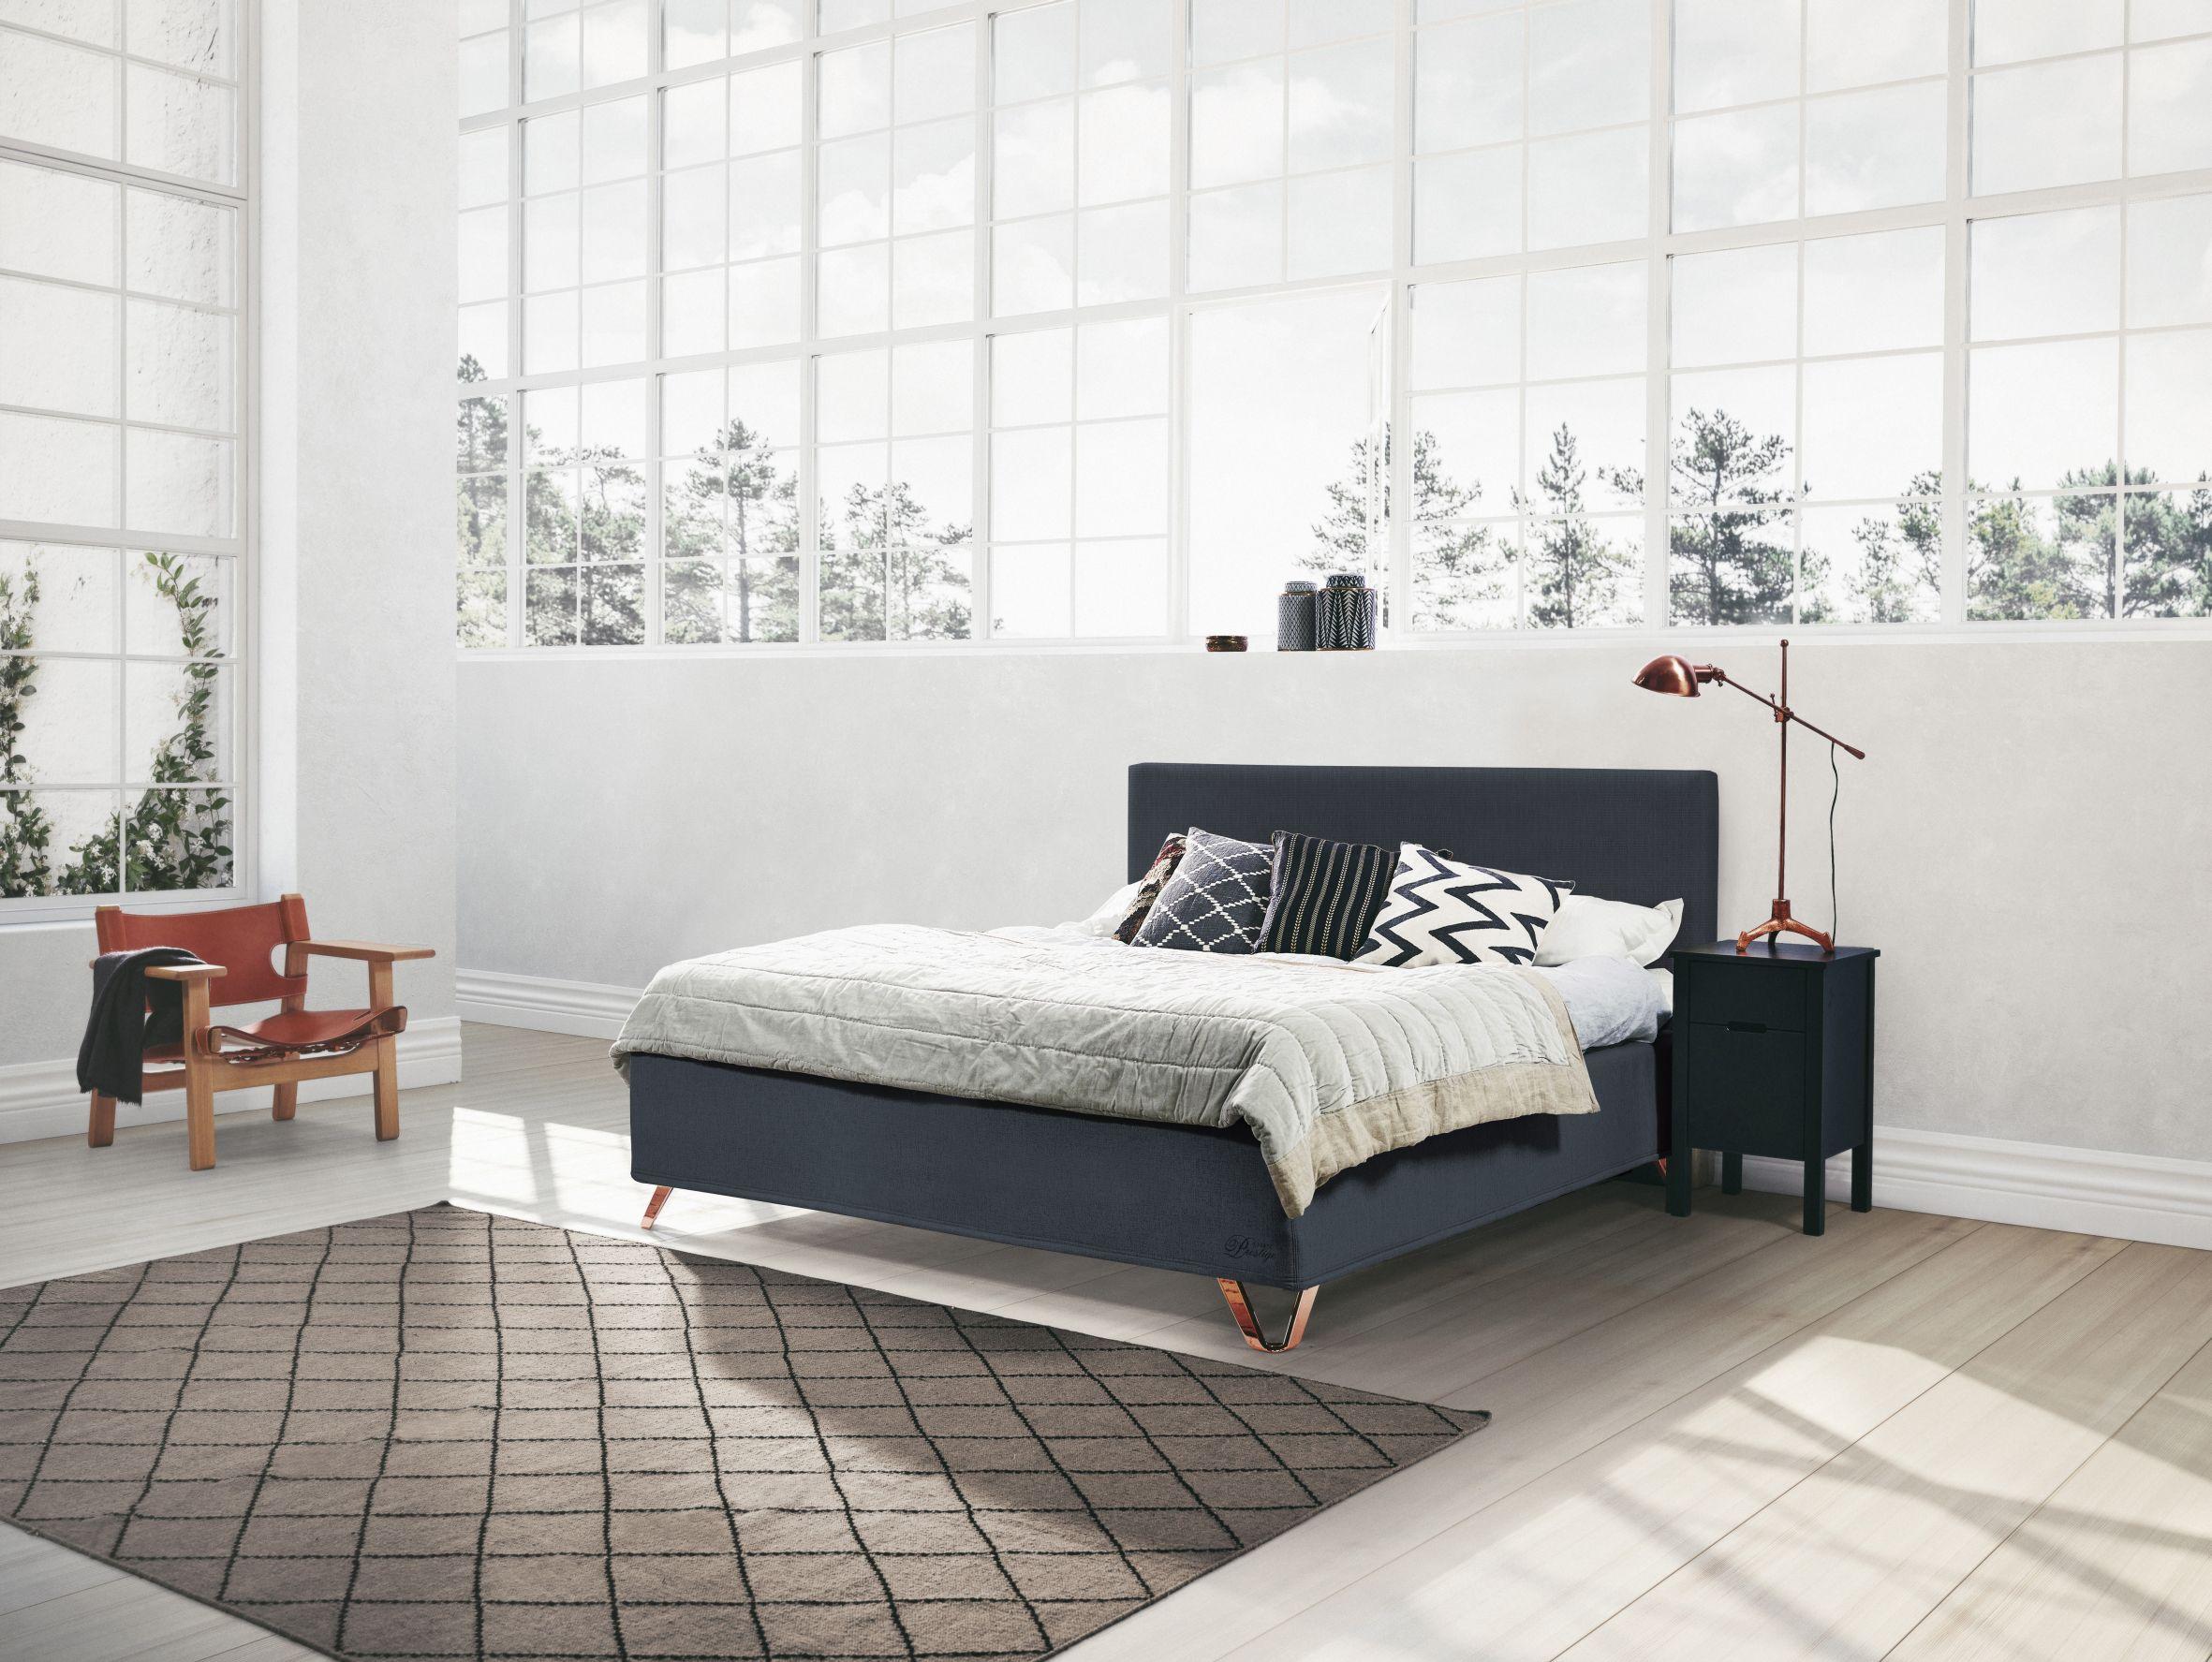 Jensen Prestige Nordic Seamless Blue Beds Seng Hus Instagram